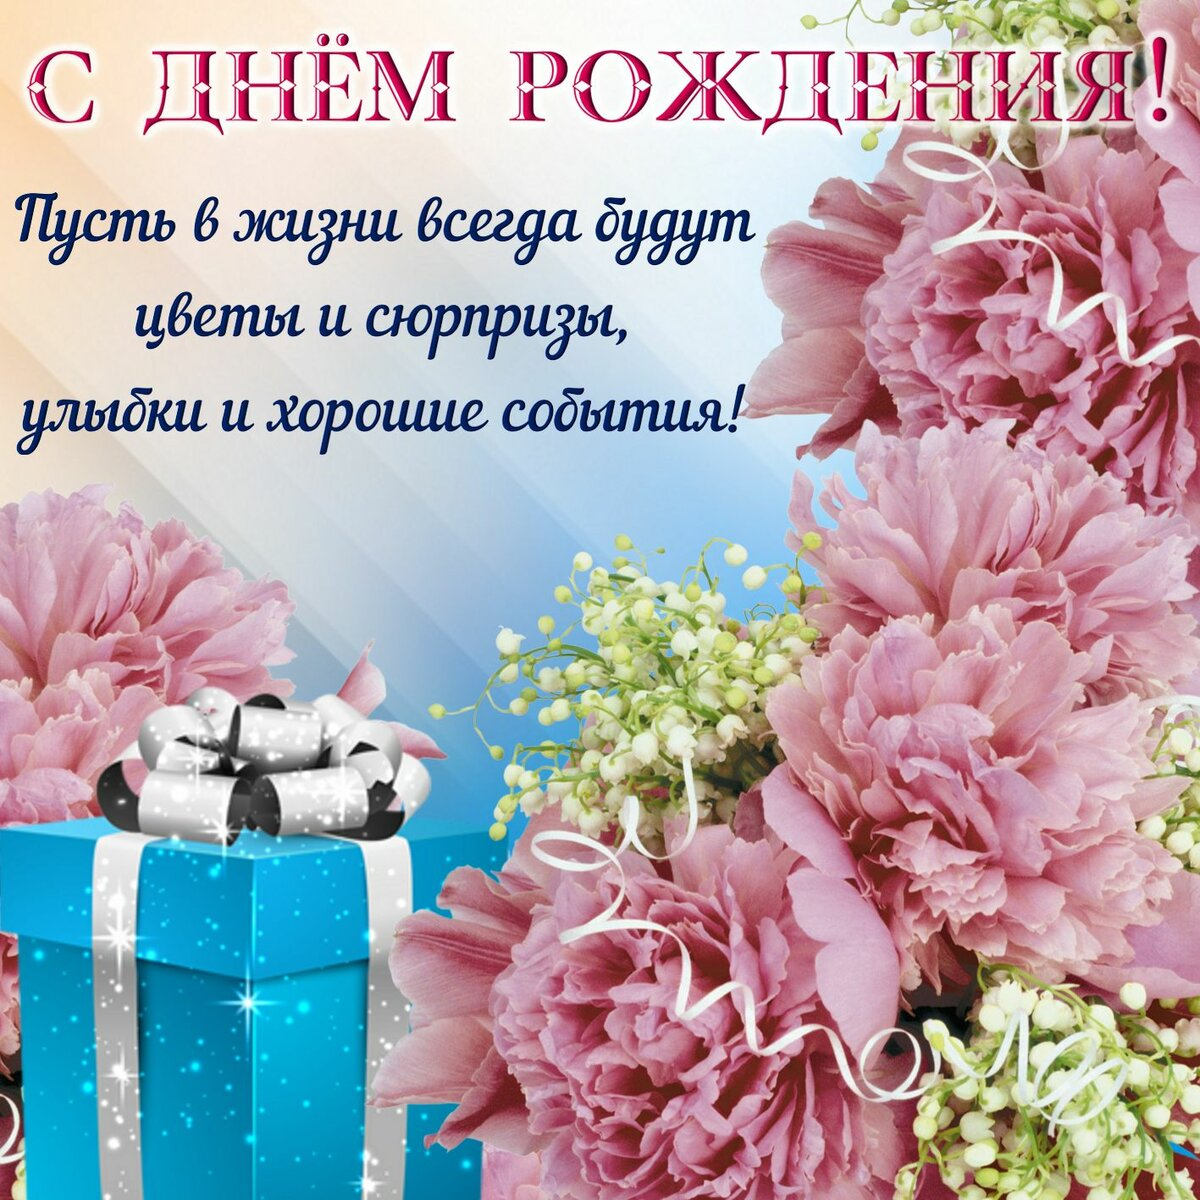 Картинки с днем рождения сайта